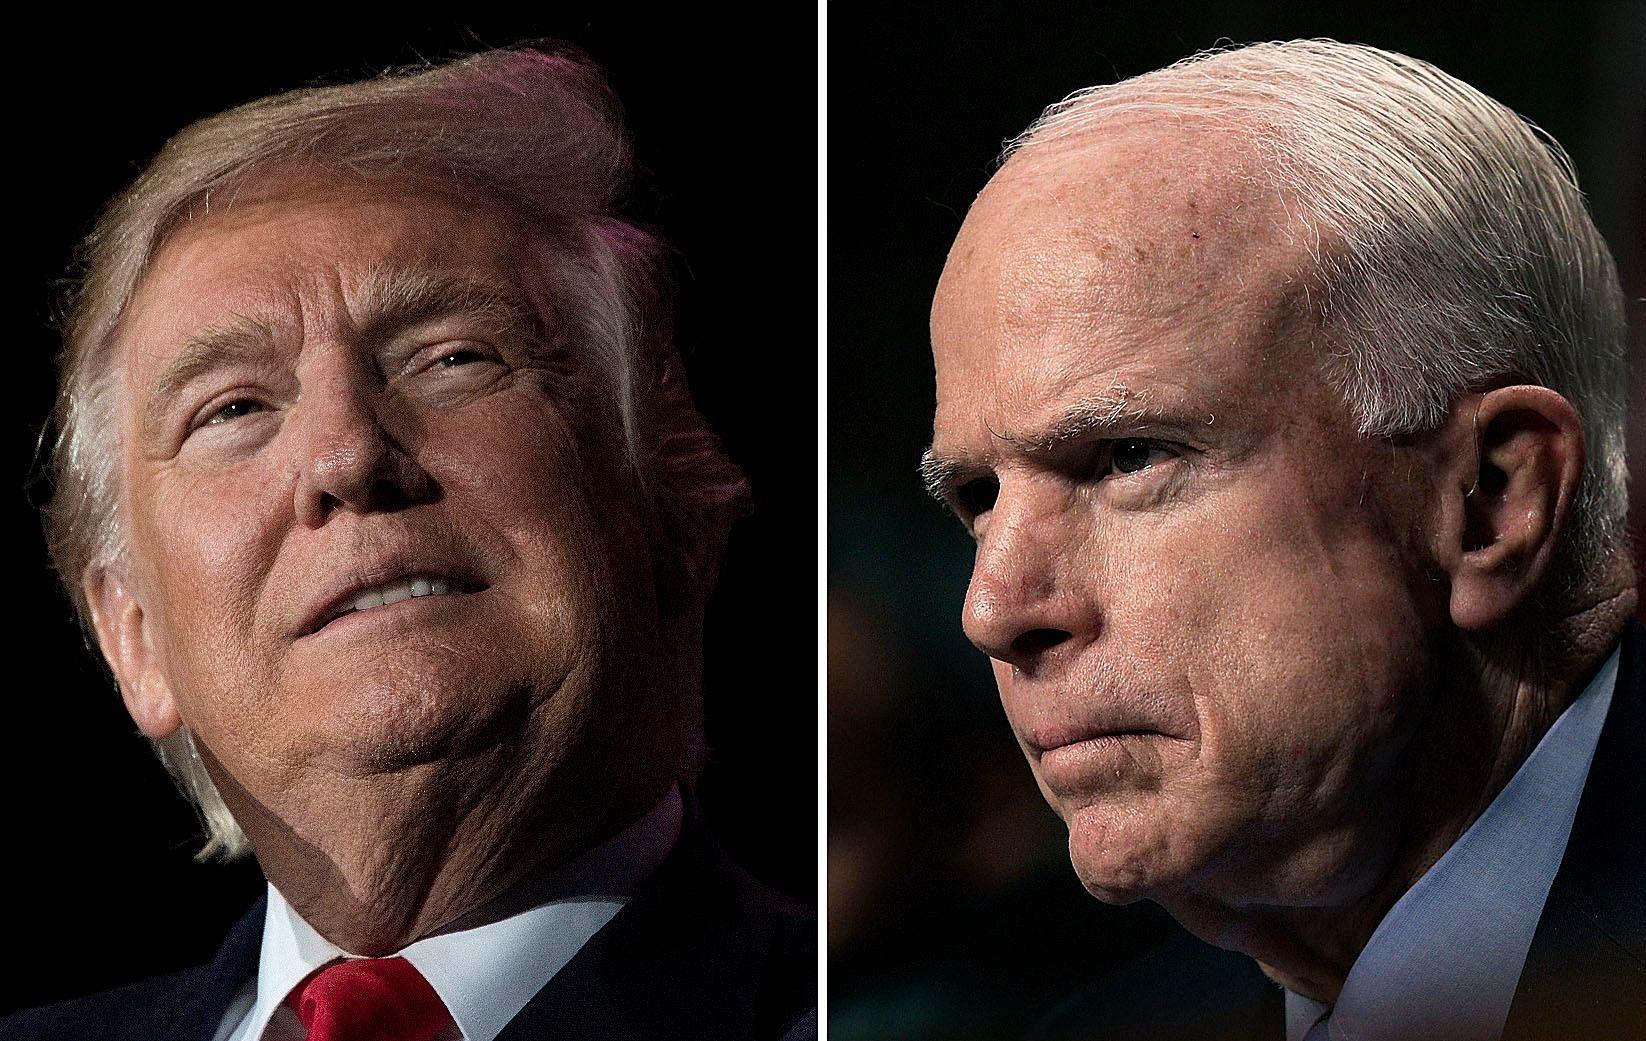 KRITISERER TRUMP IGJEN: Den republikanske senatoren, og tidligere presidentkandidaten, John McCain går hardt ut mot president Donald Trumps påstander om at Obama skal ha avlyttet han.